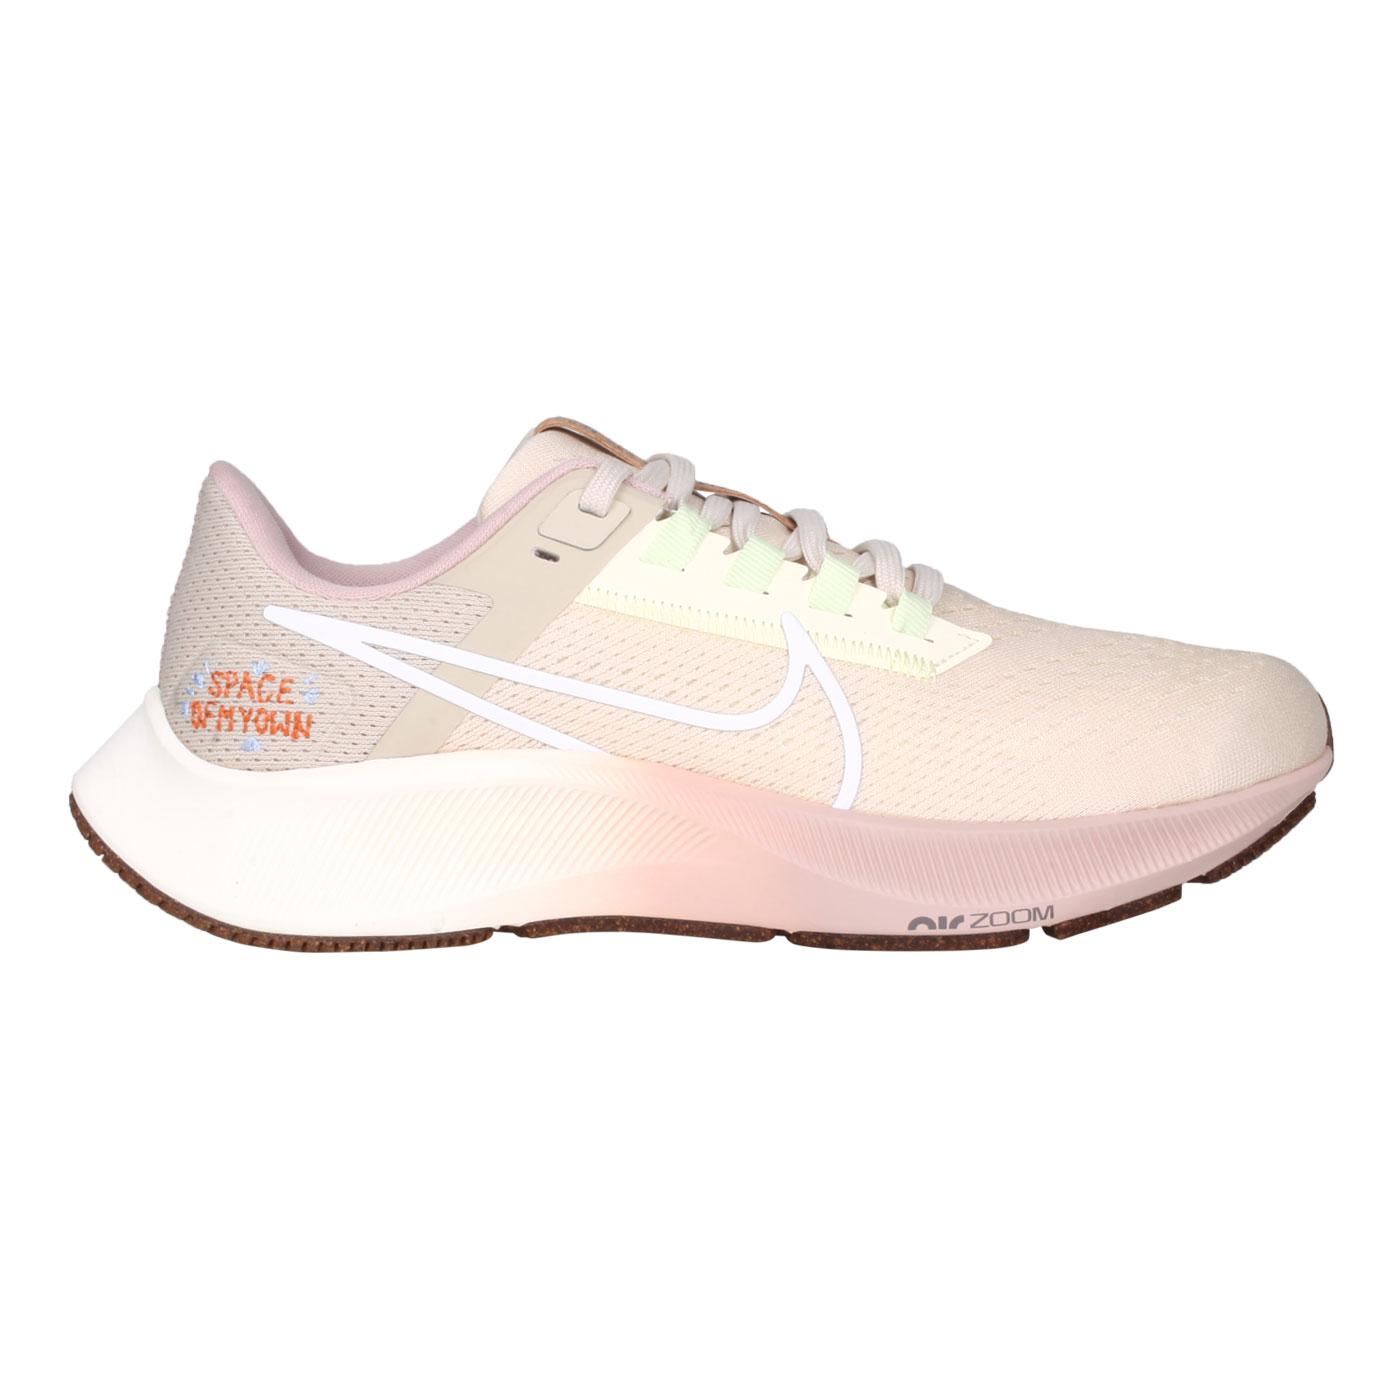 NIKE 女款休閒運動鞋  @WMNS AIR ZOOM PEGASUS 38@DM7195211 - 淺棕綠粉白